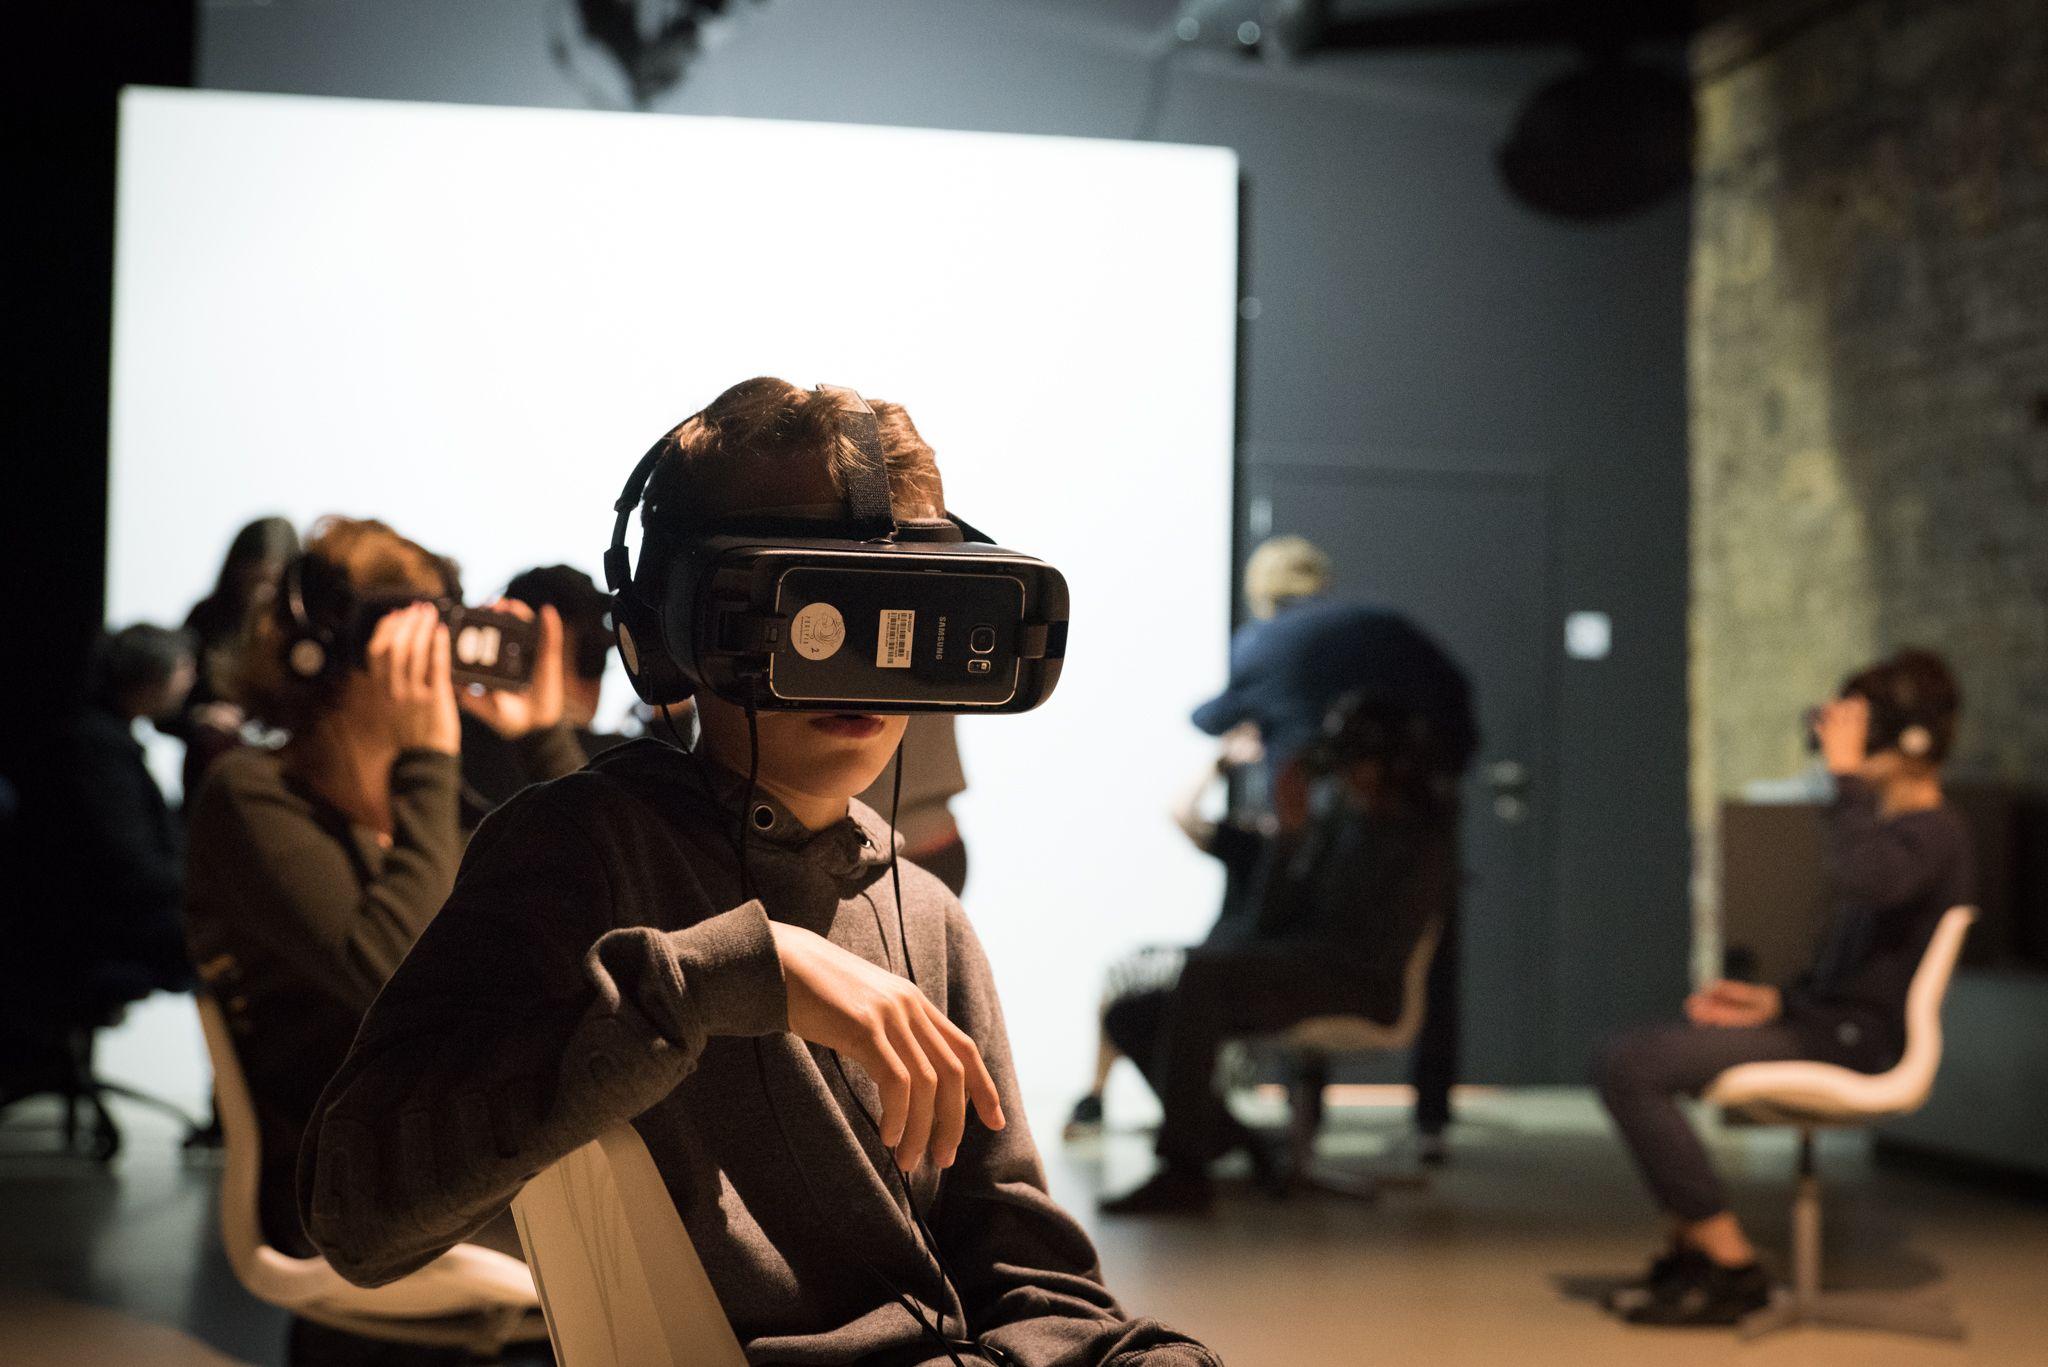 Séances en réalité virtuelle - Fiff Namur